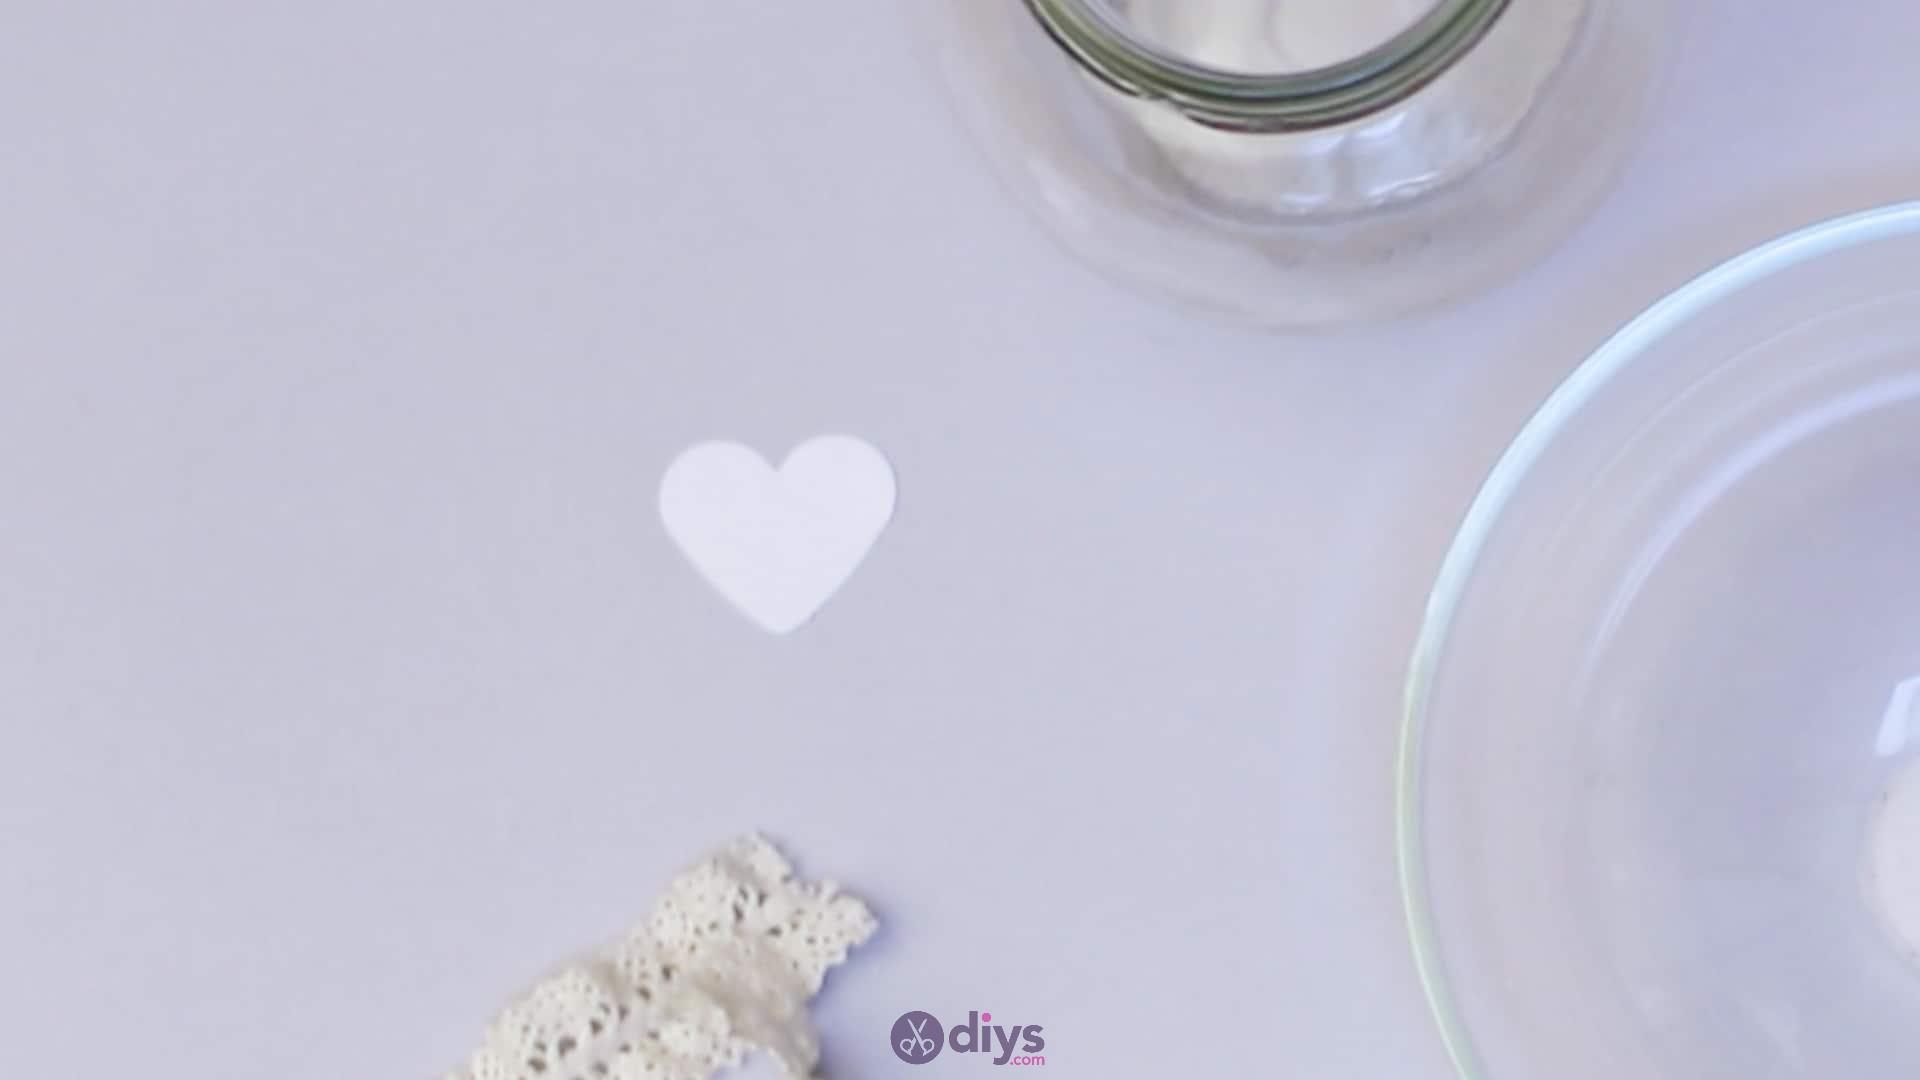 Diy flower glitter vase from glass jars step 2b